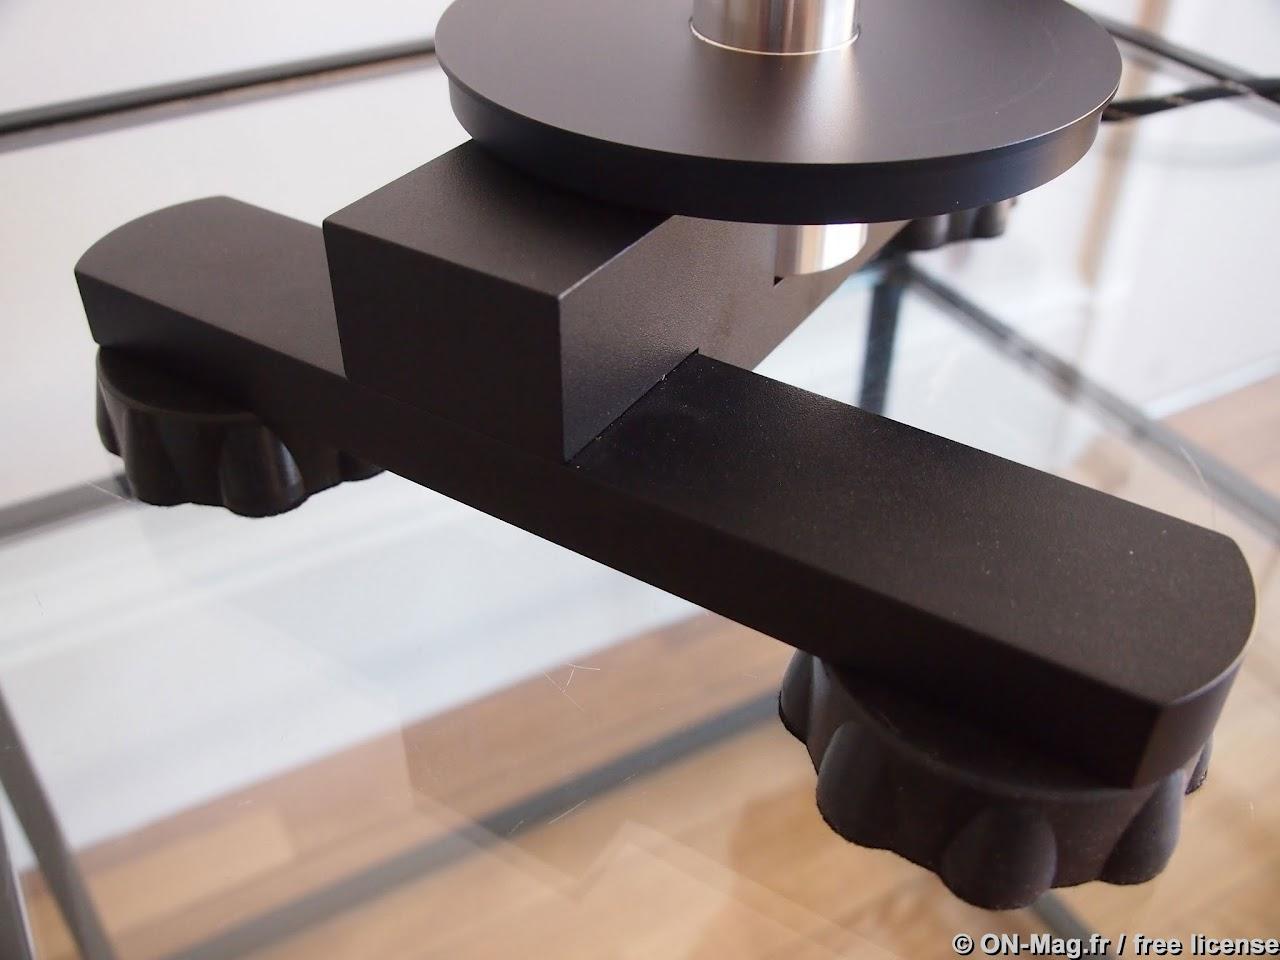 test platine vinyle avid ingenium du haut de gamme au redoutable rapport qualit sur prix. Black Bedroom Furniture Sets. Home Design Ideas